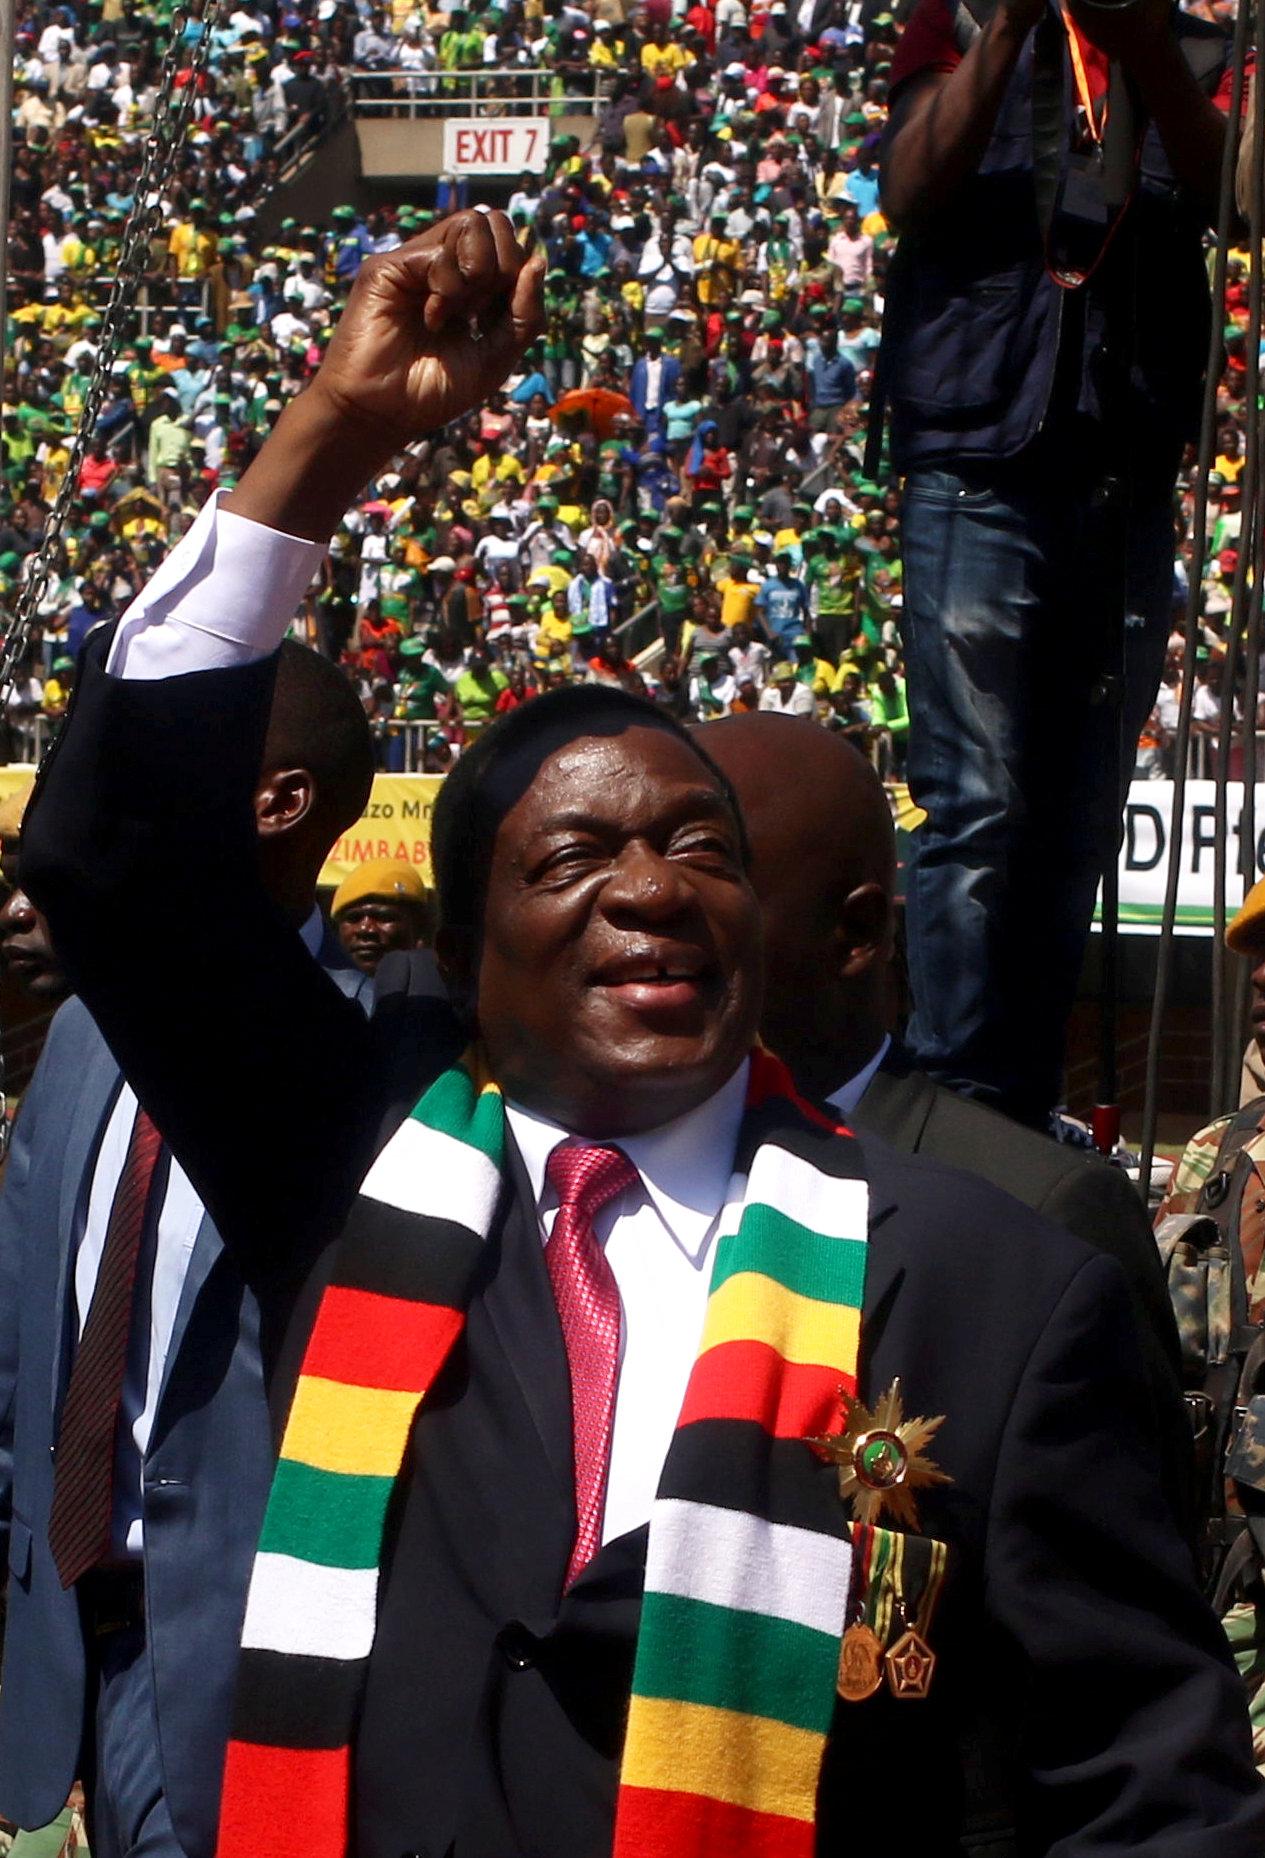 رئيس زيمبابوى يحيى جماعير الحضور